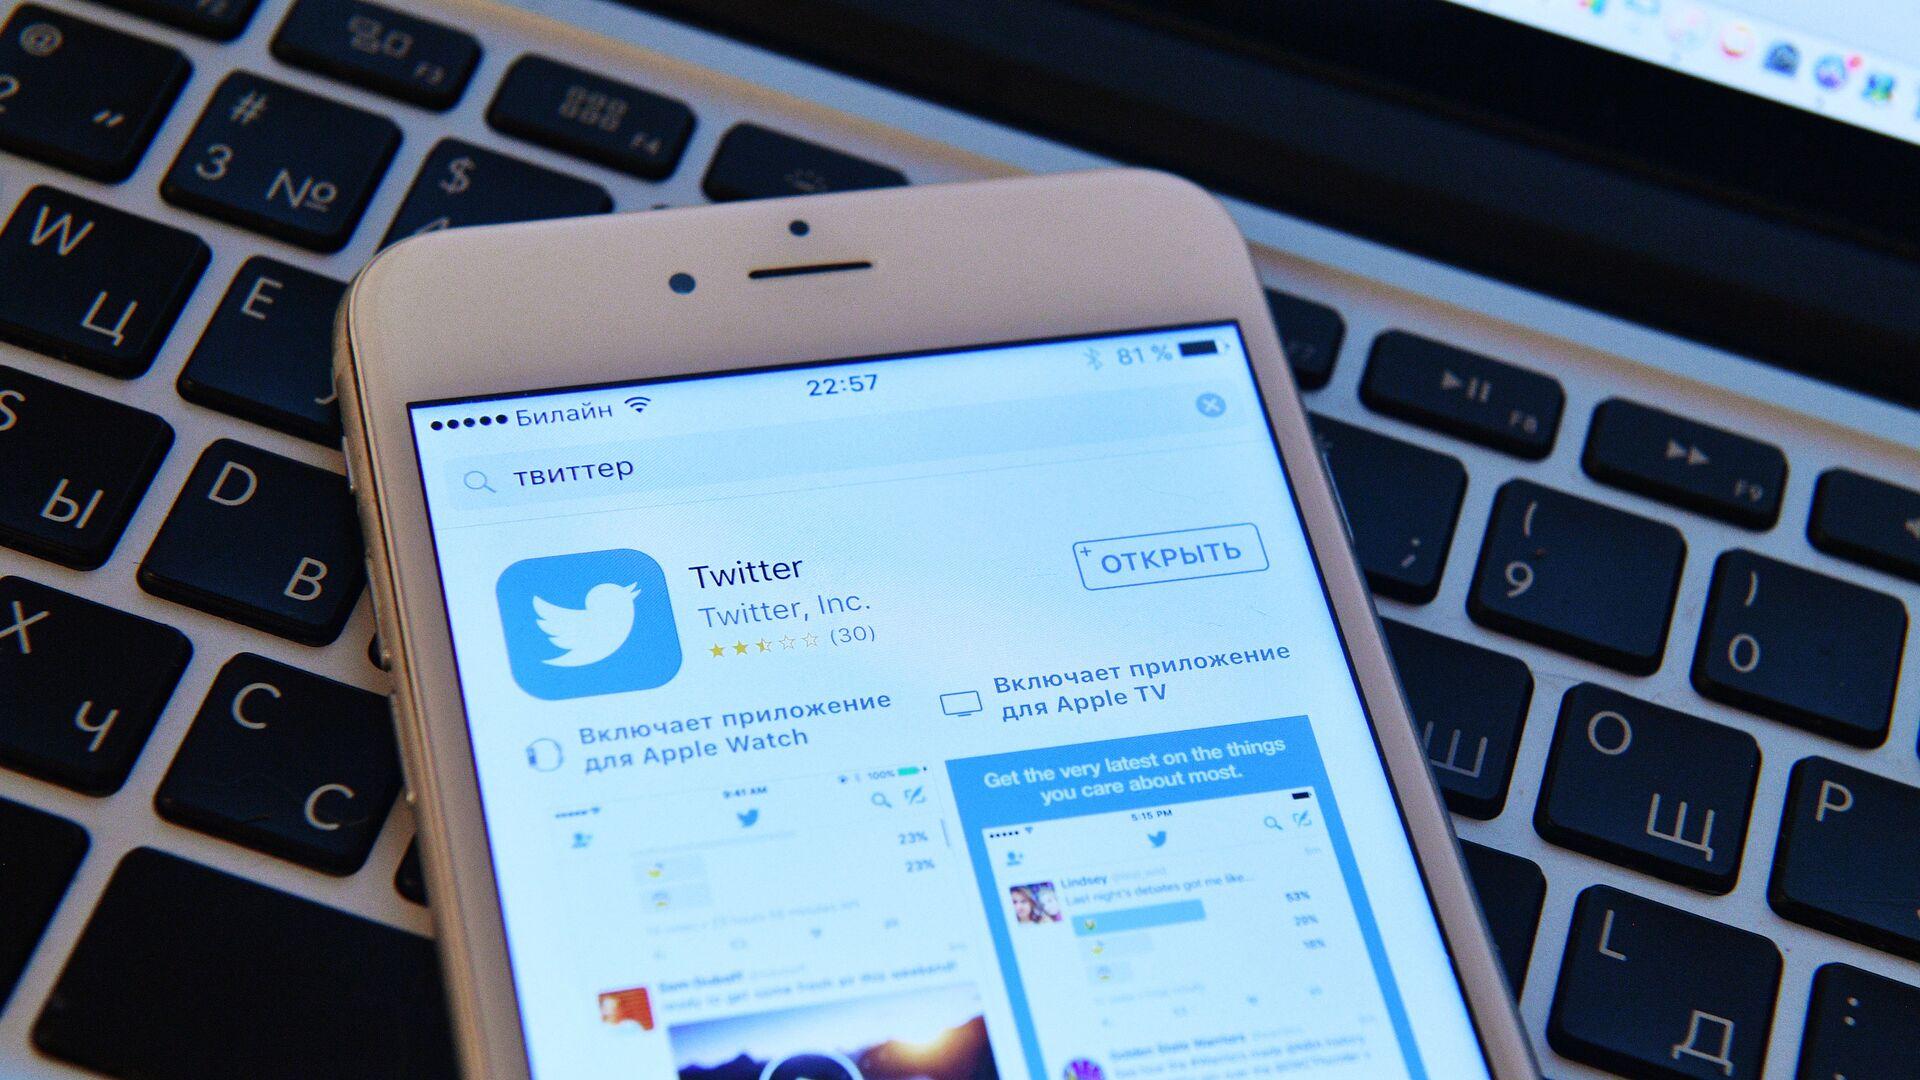 Страница социальной сети Twitter на экране смартфона - РИА Новости, 1920, 18.07.2020